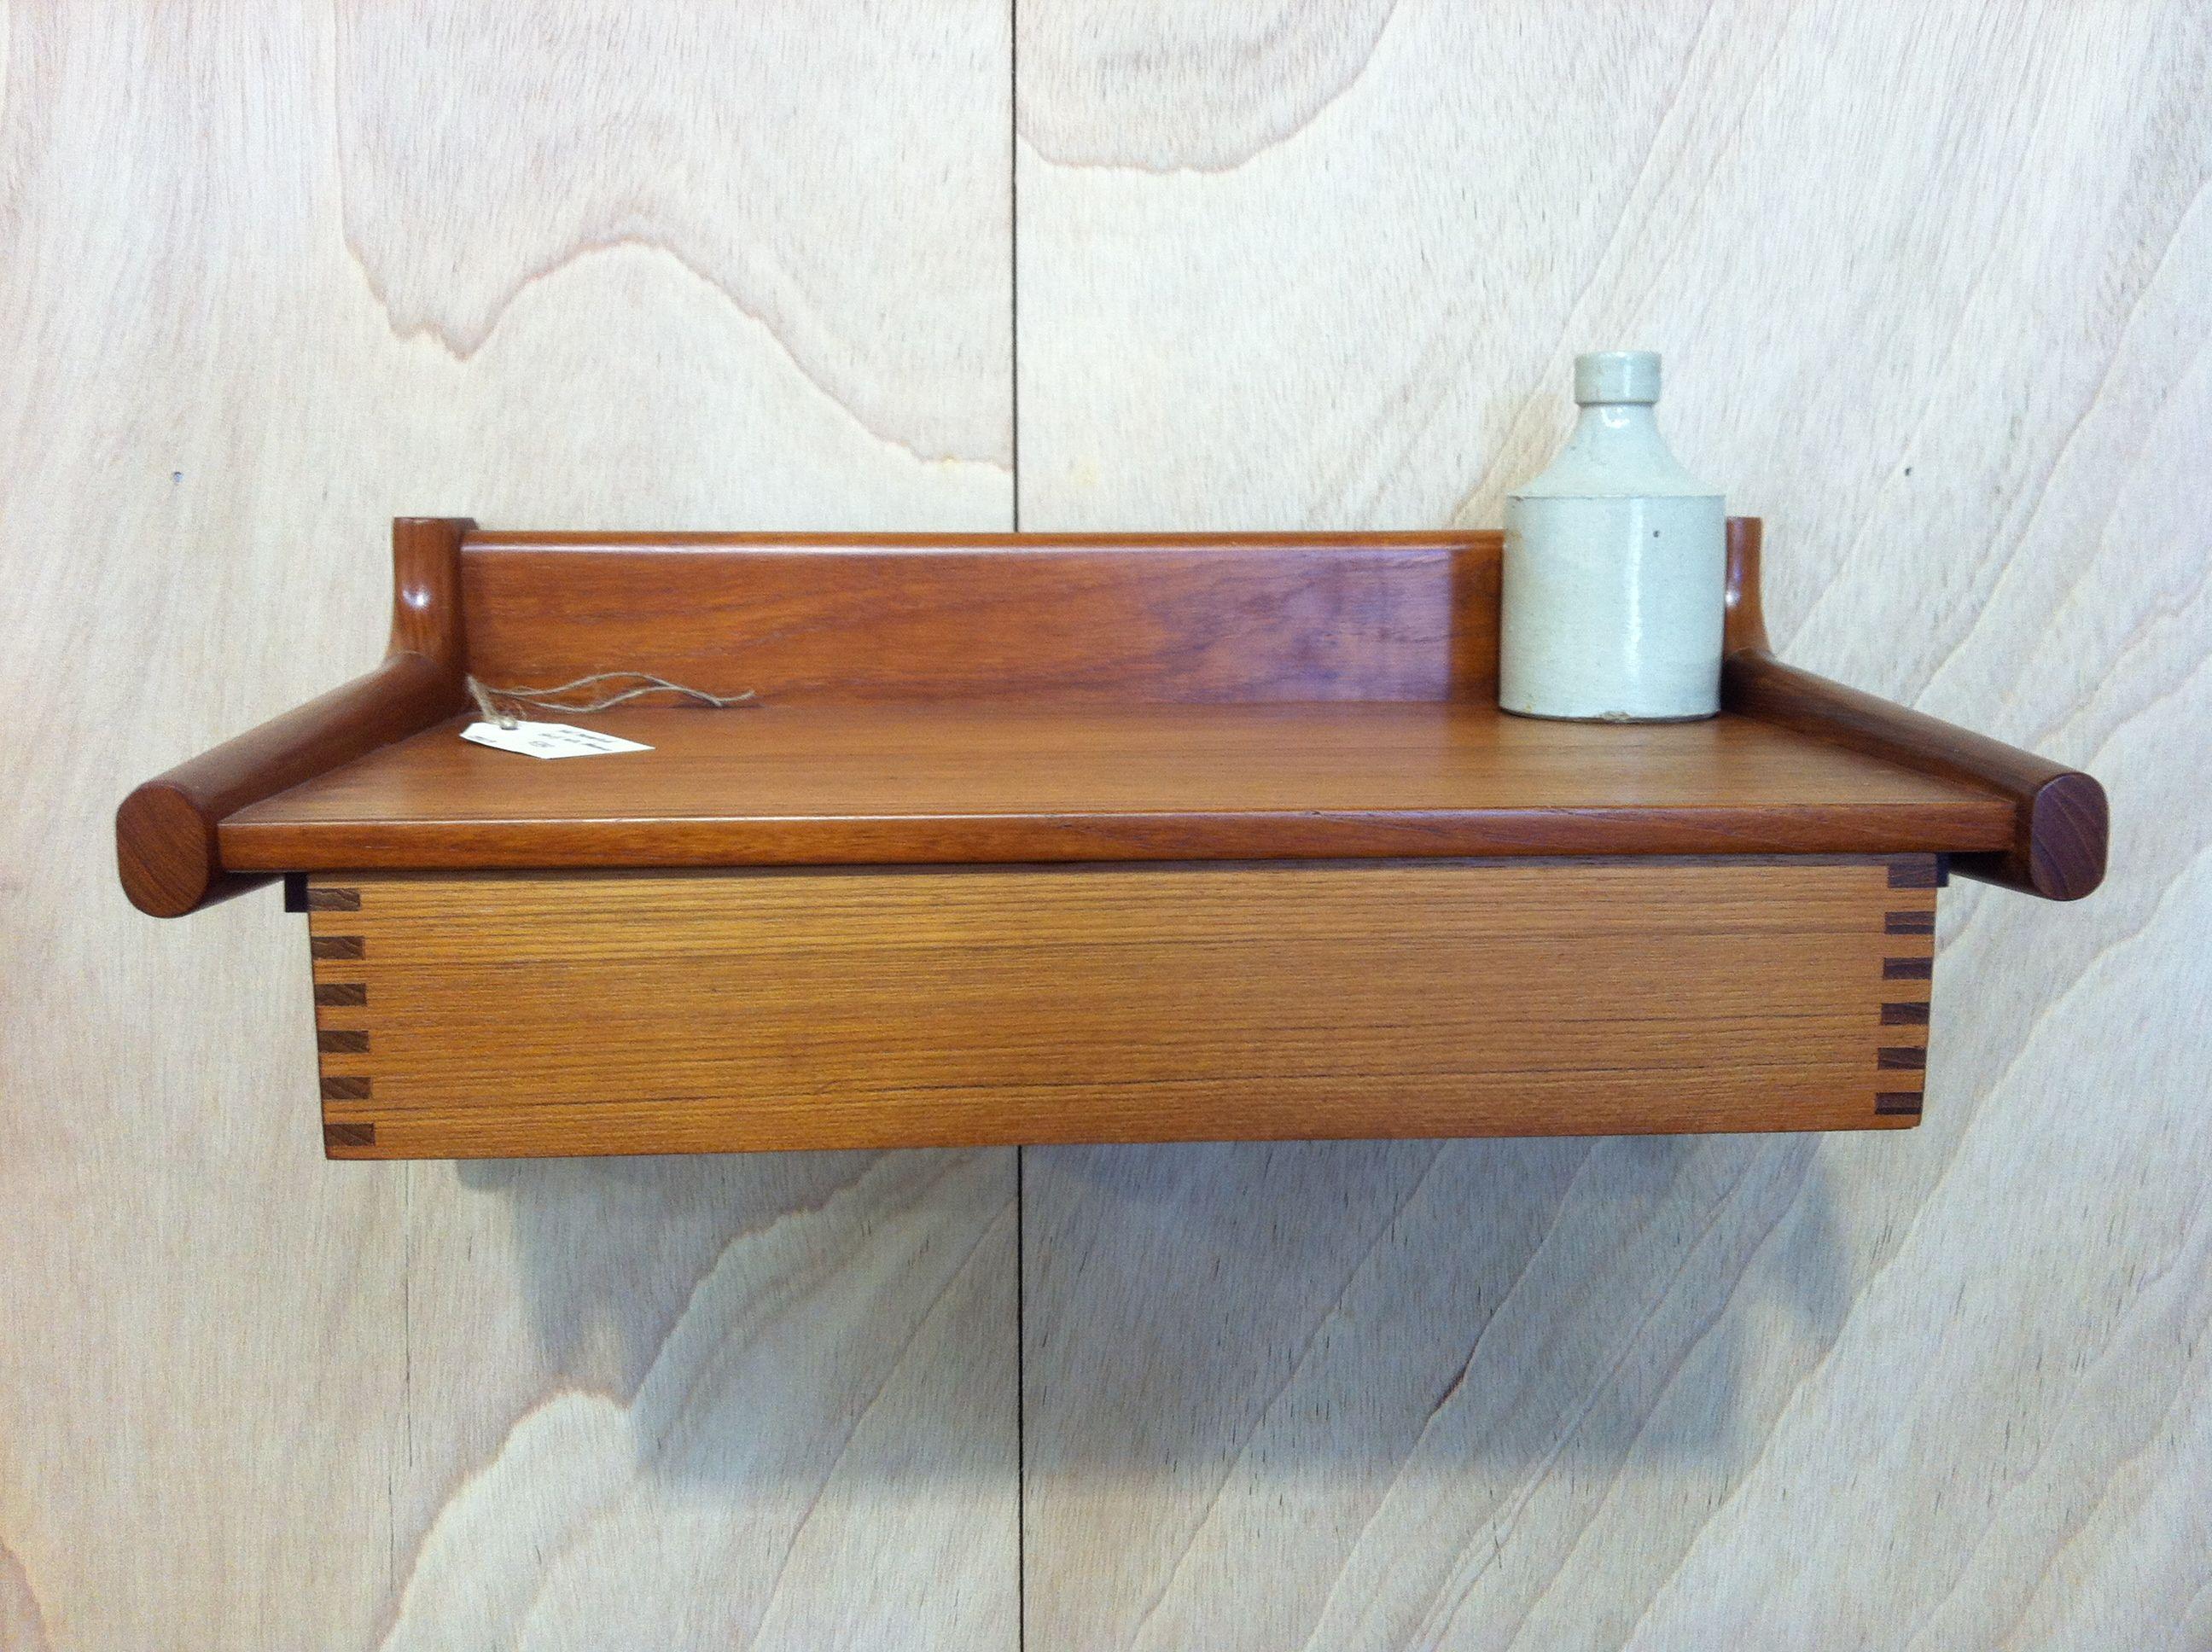 danish modern squarepeg home page 2. Black Bedroom Furniture Sets. Home Design Ideas